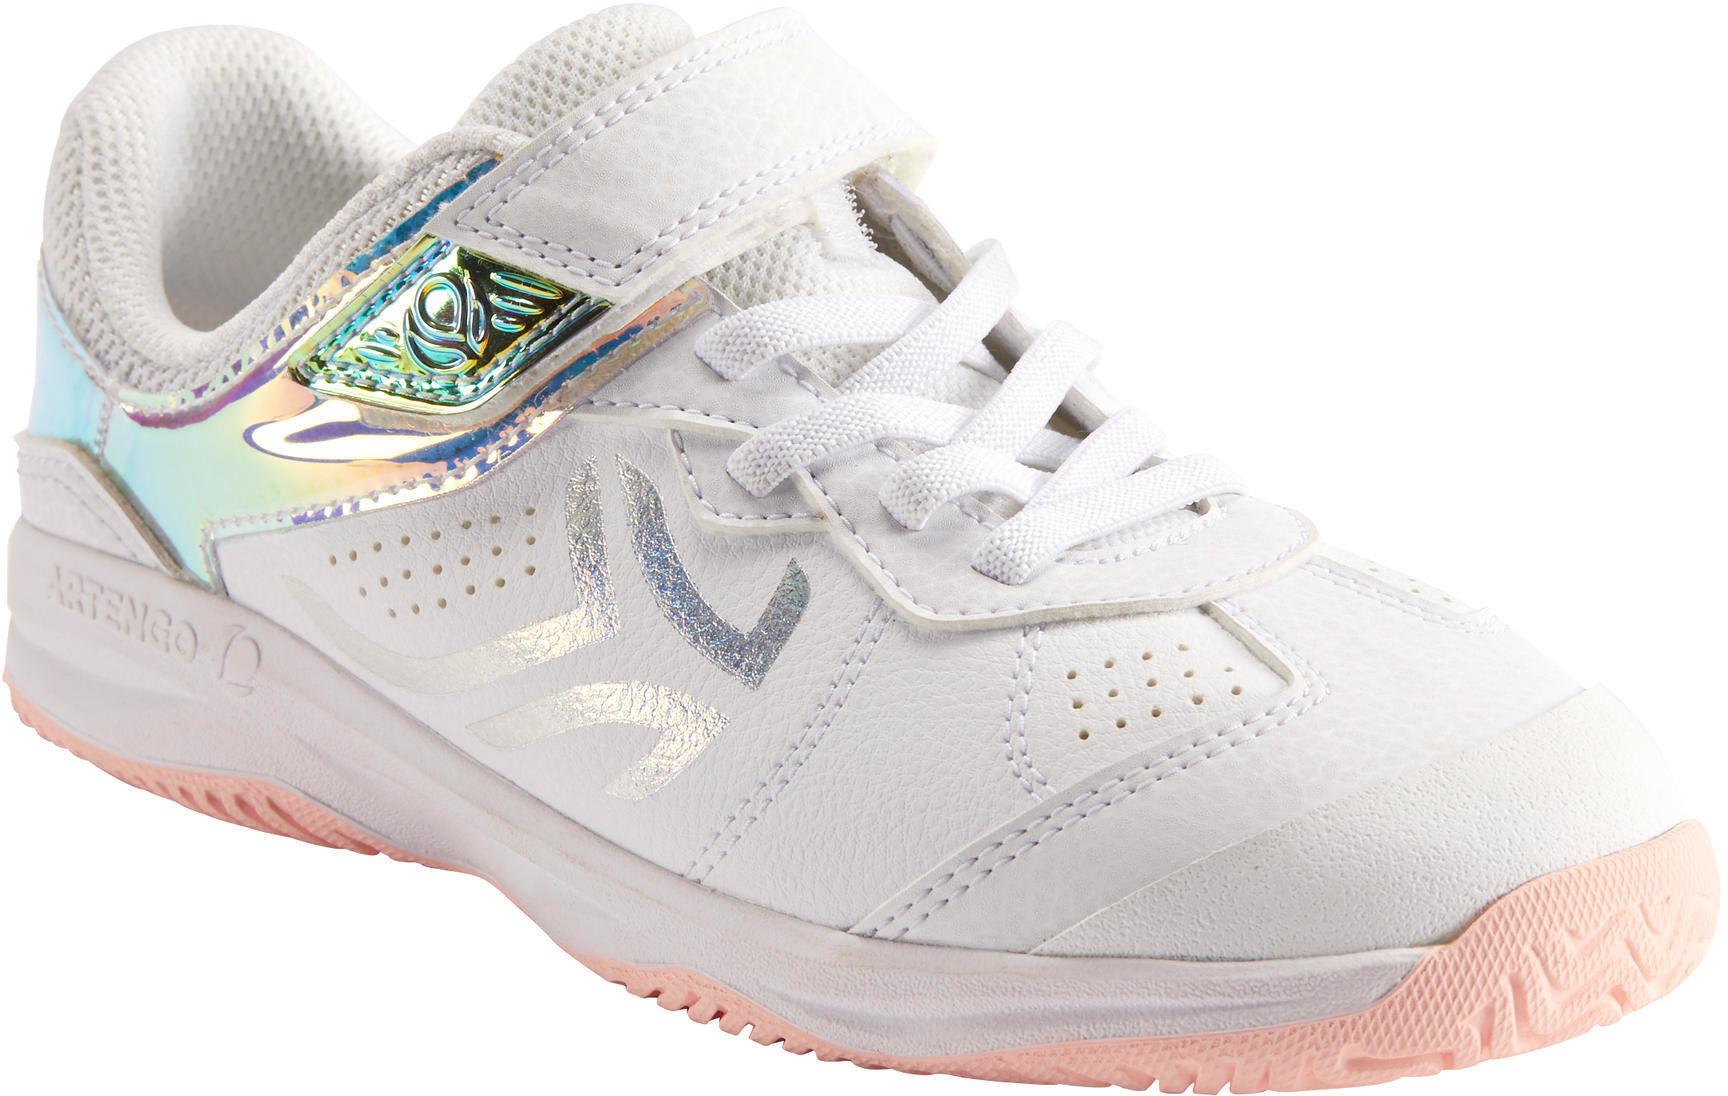 Buty tenisowe TS160 dla dzieci